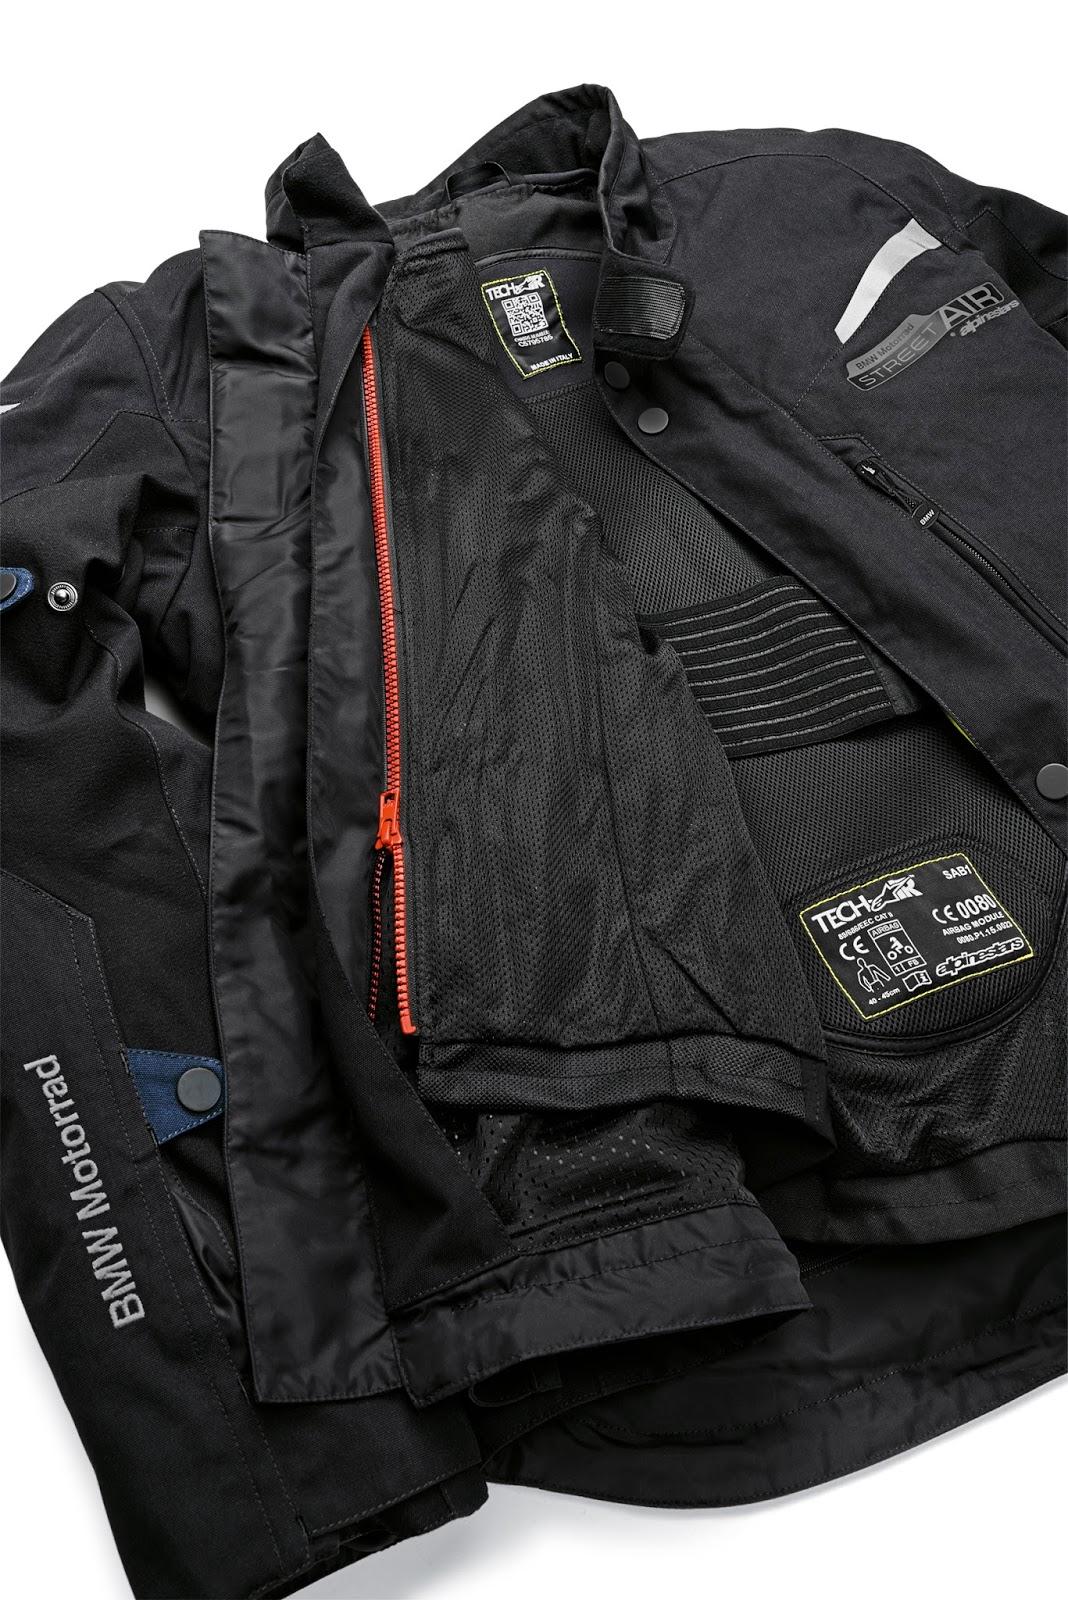 P90202818 highRes bmw motorrad rider e Δες το σύστημα αερόσακου για μοτοσικλετιστές της BMW Motorrad